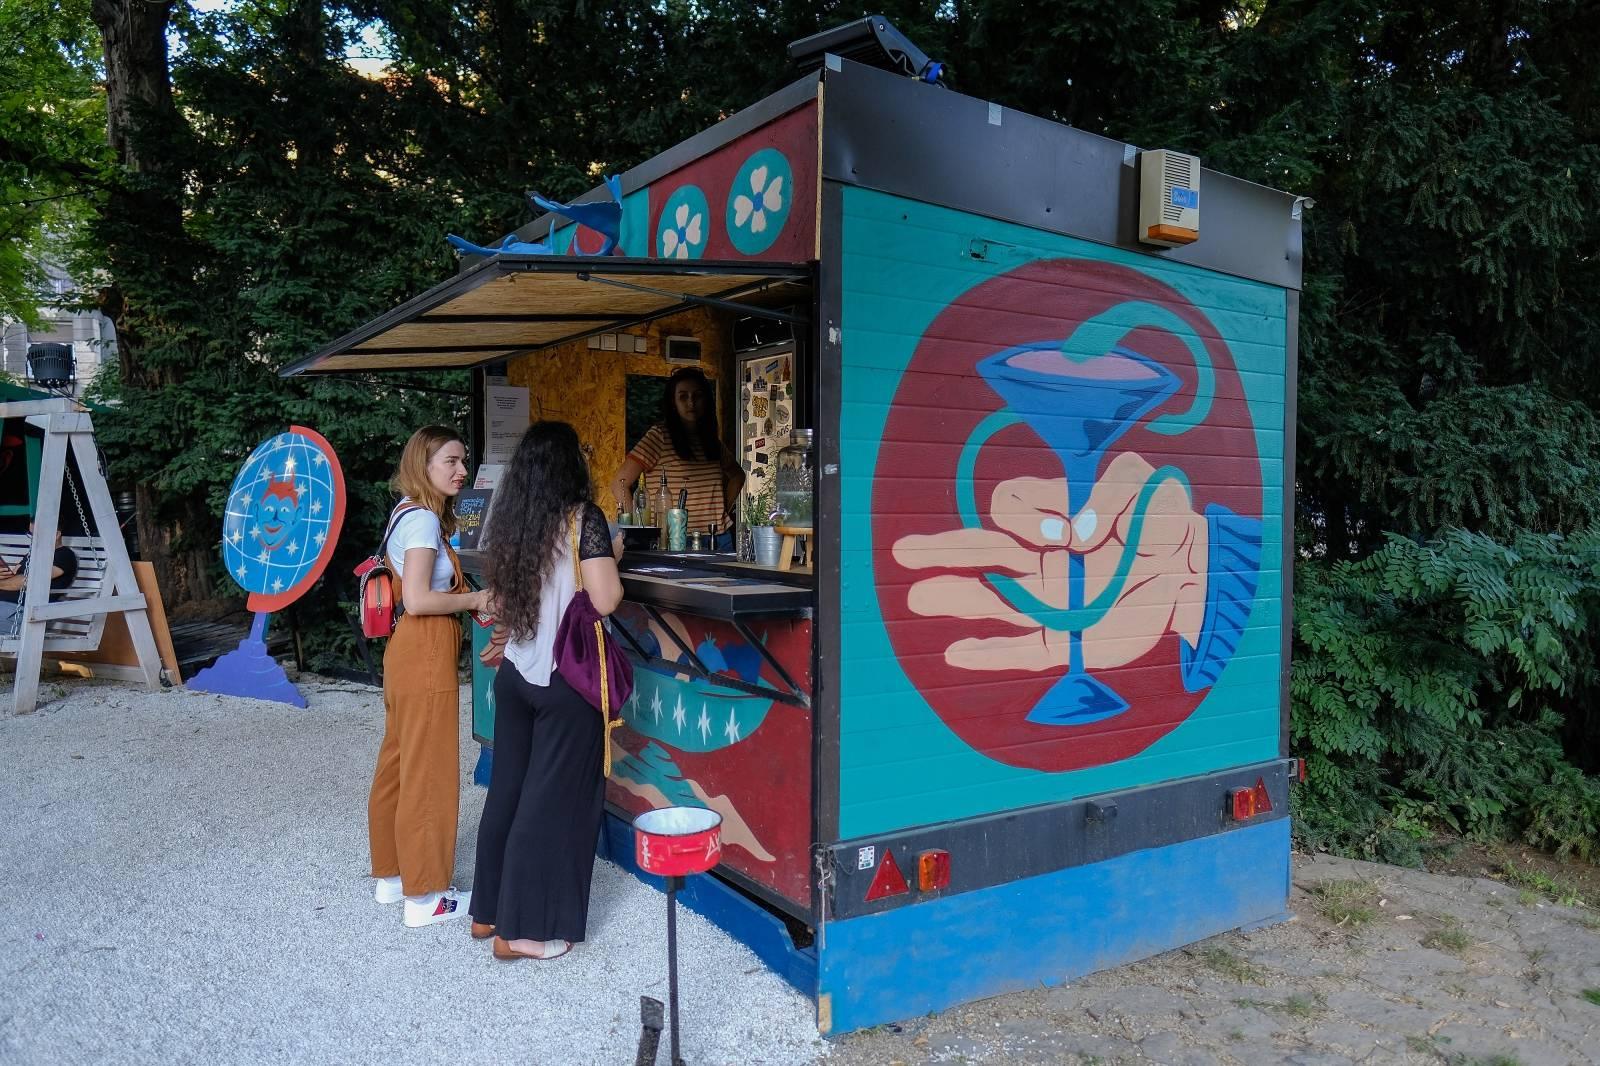 Zagreb: Petu godinu zaredom u parku Ribnjak održava se Art-Park